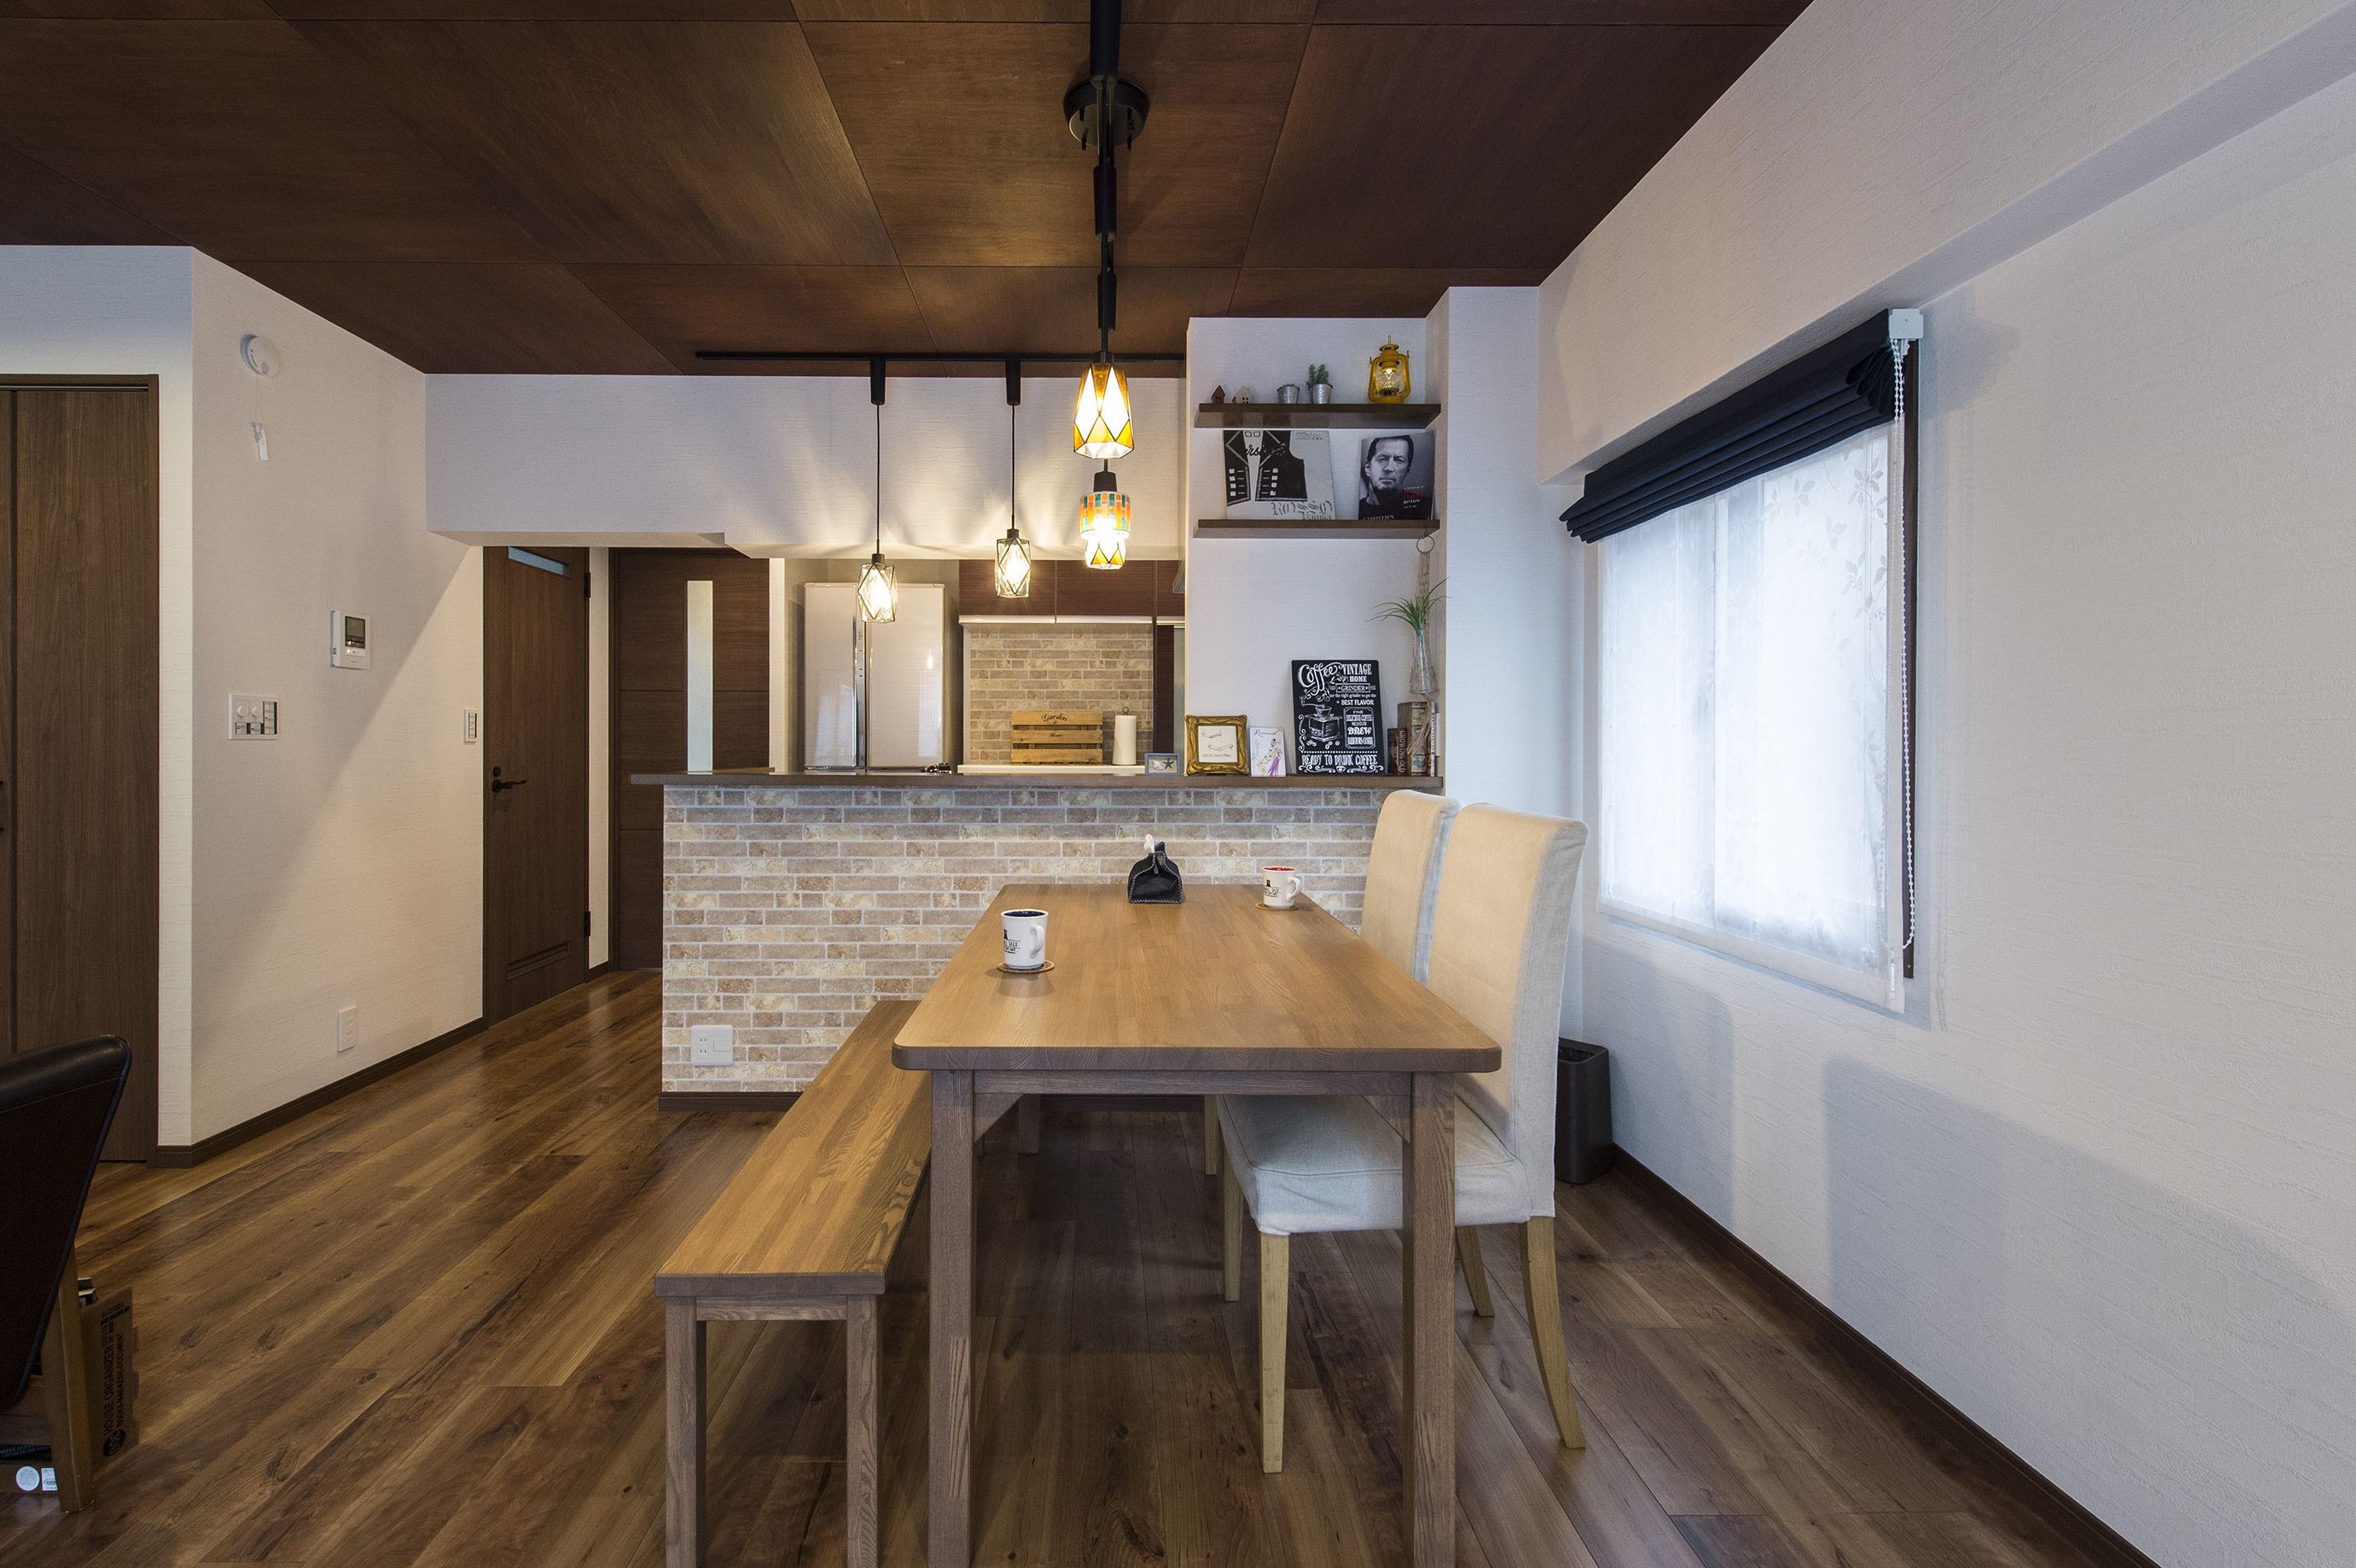 [リノベーション]名古屋市S邸 #大人カフェ #家づくりから思い出づくり (キッチン・ダイニング)